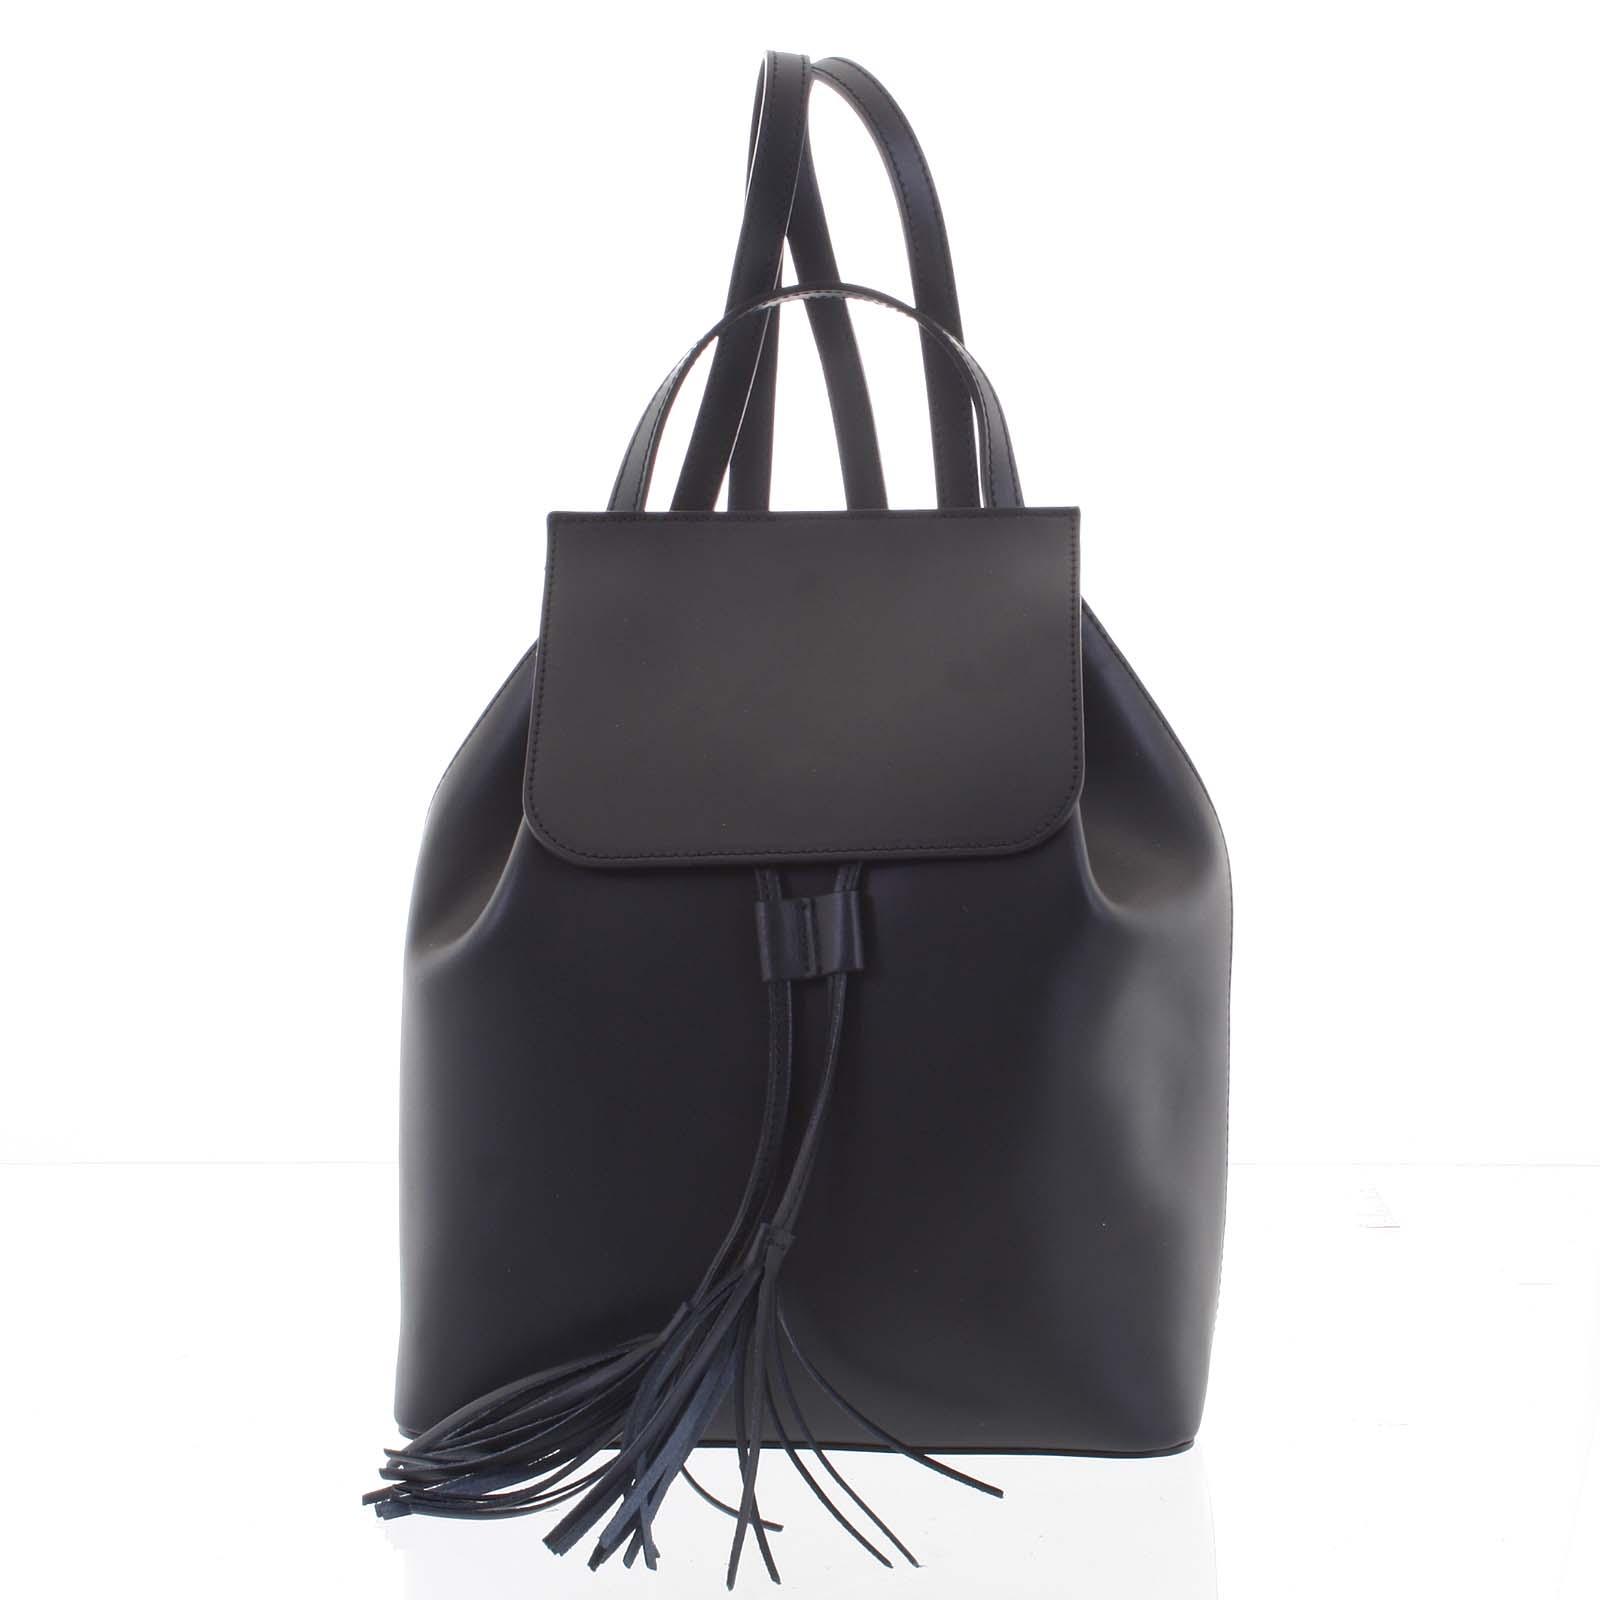 Luxusní dámský batoh černý kožený - ItalY Adelpha